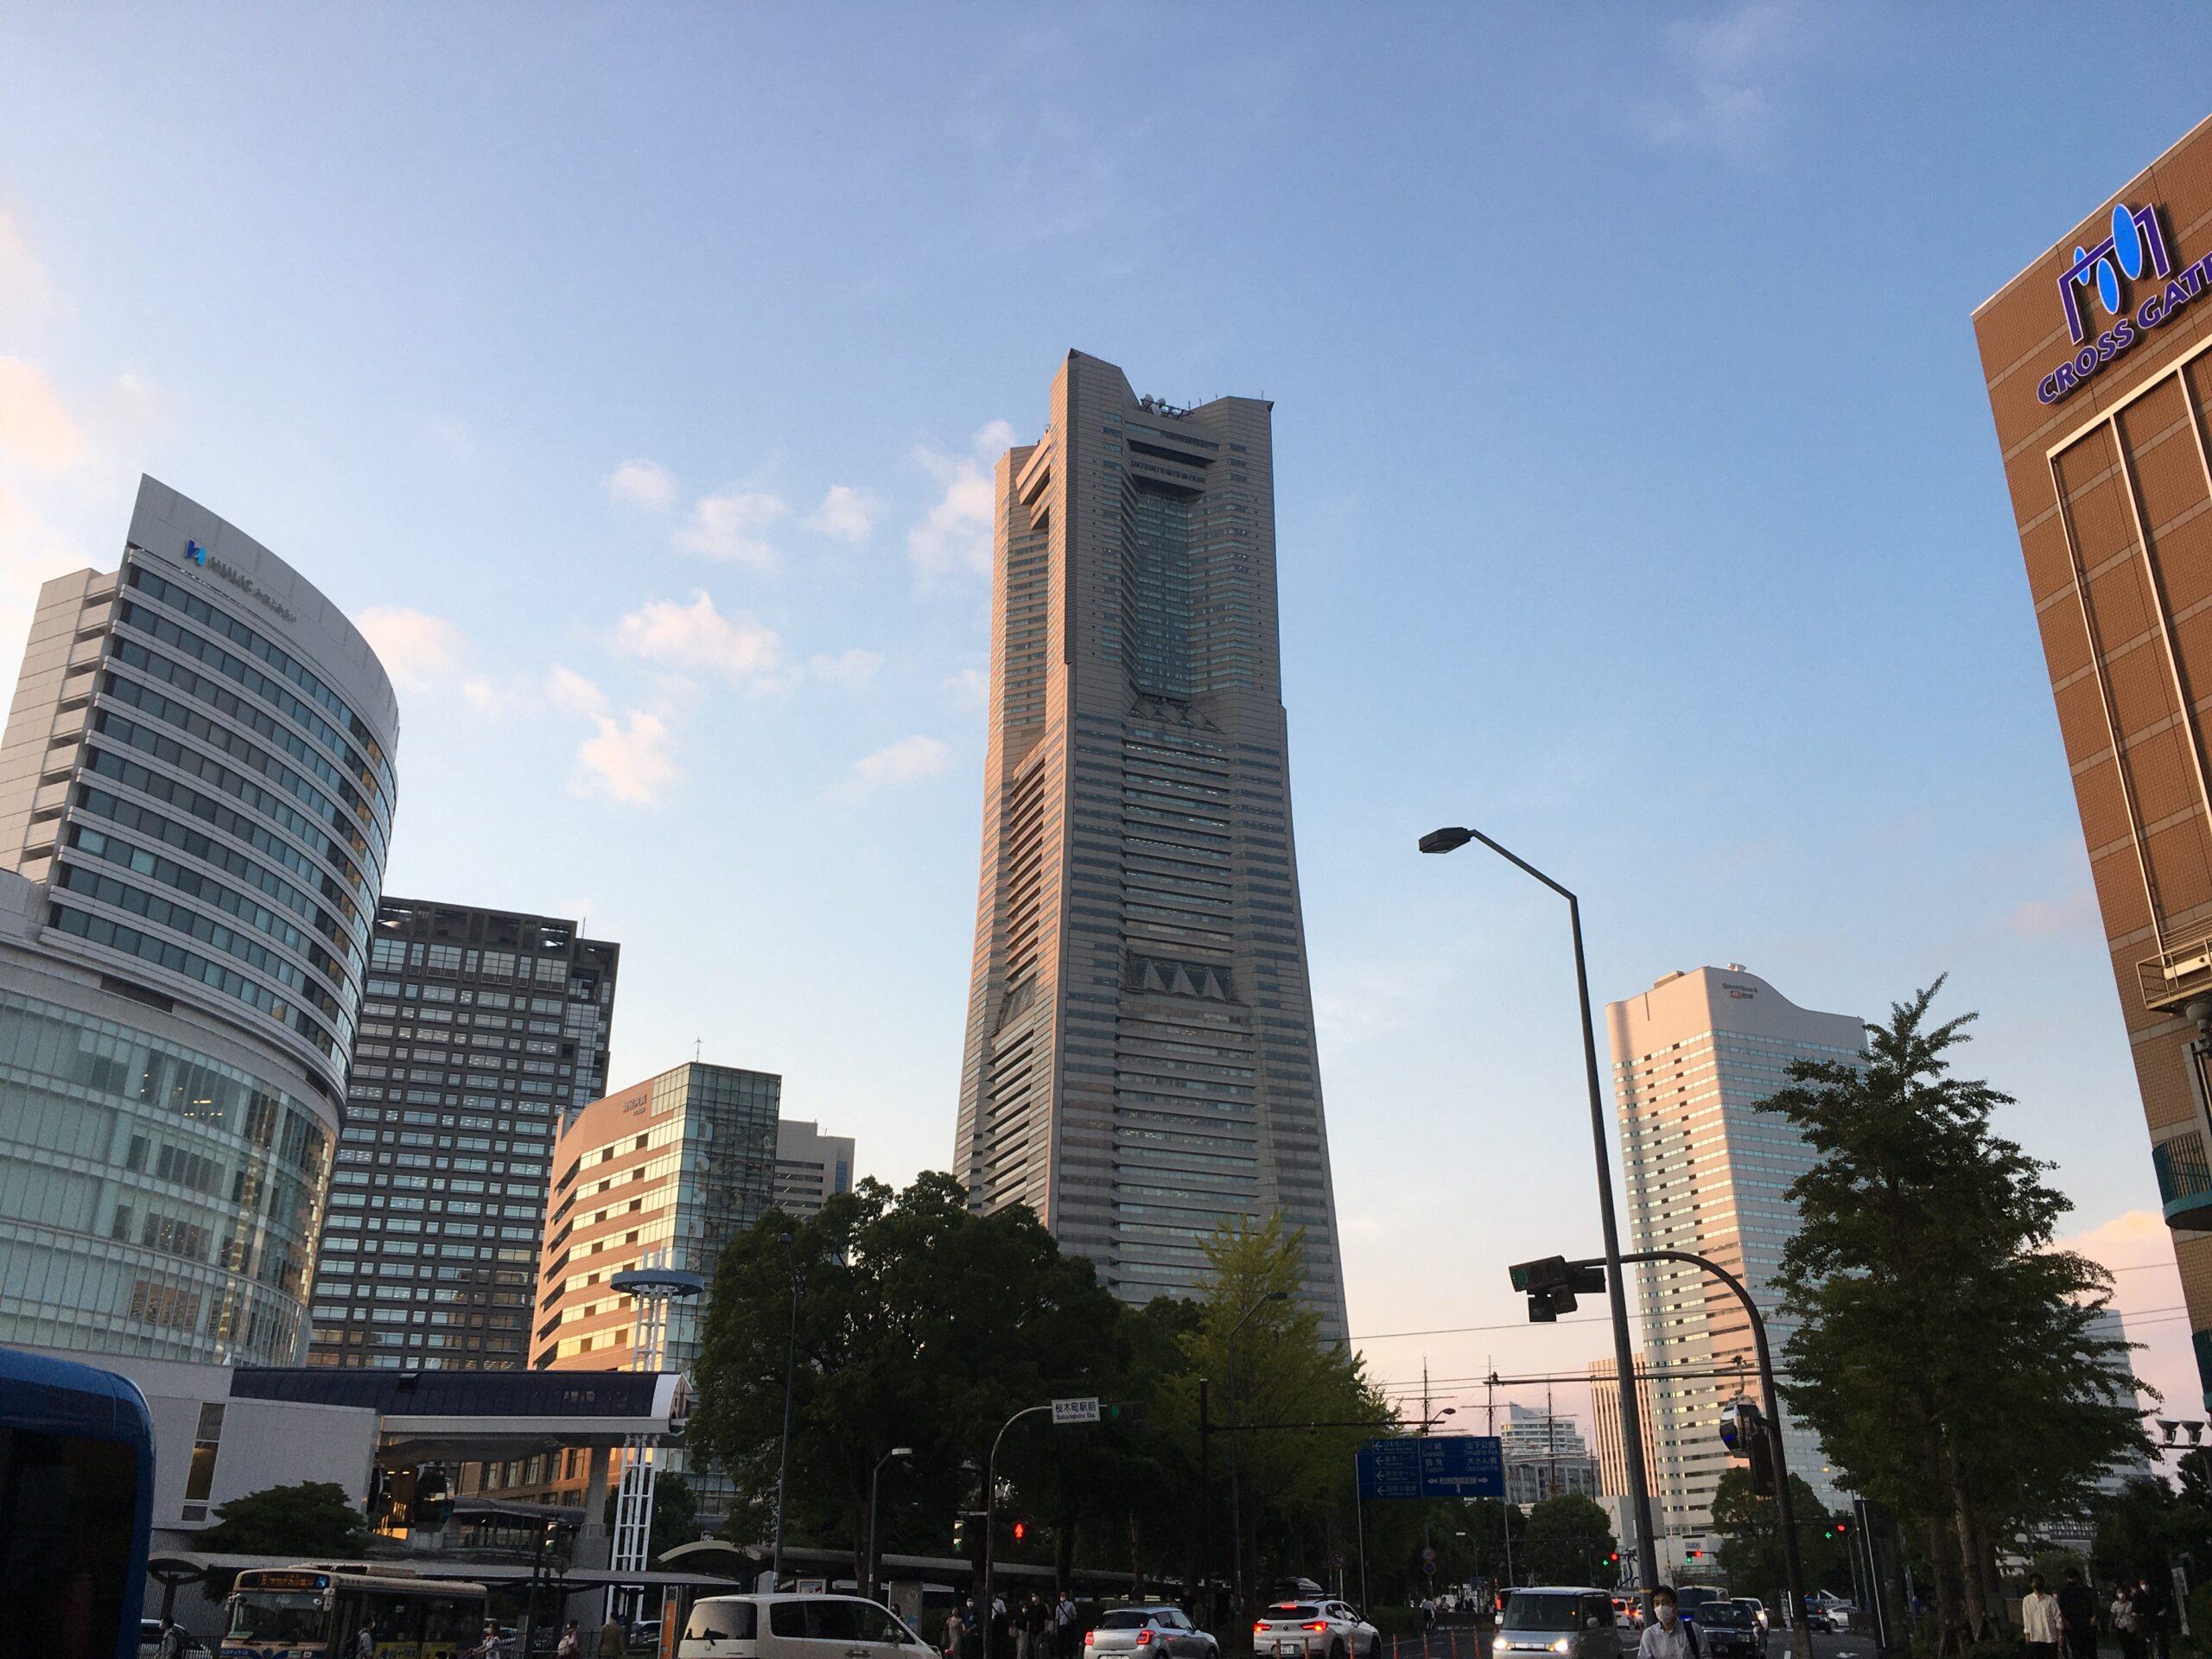 住みたい街1位に横浜と吉祥寺が並ぶ―長谷工アーベスト調べ、首都圏・近畿・福岡を発表